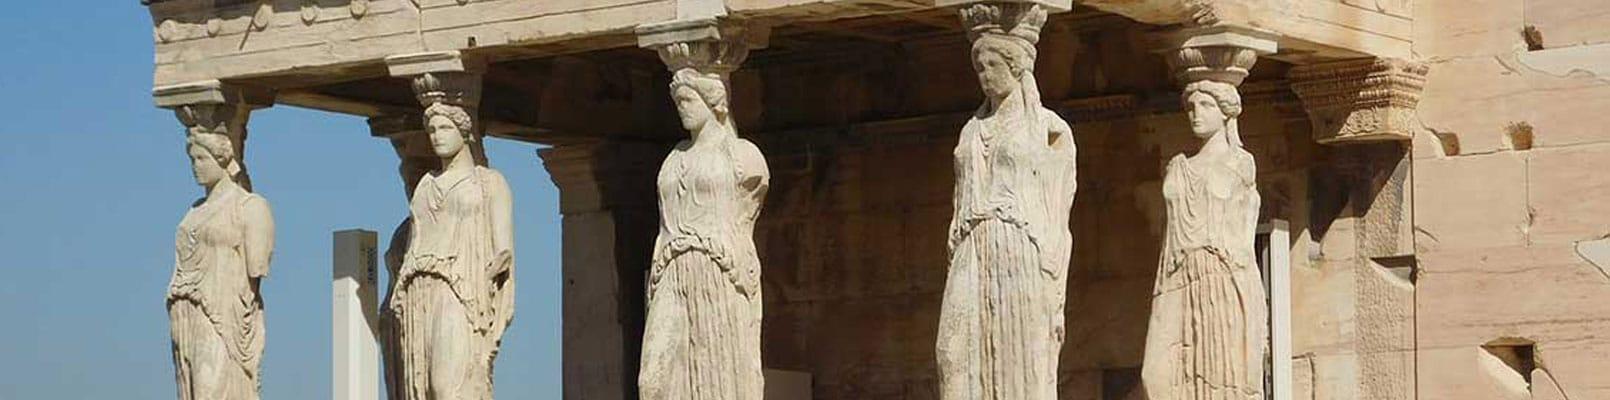 superstitii noroc grecia antica